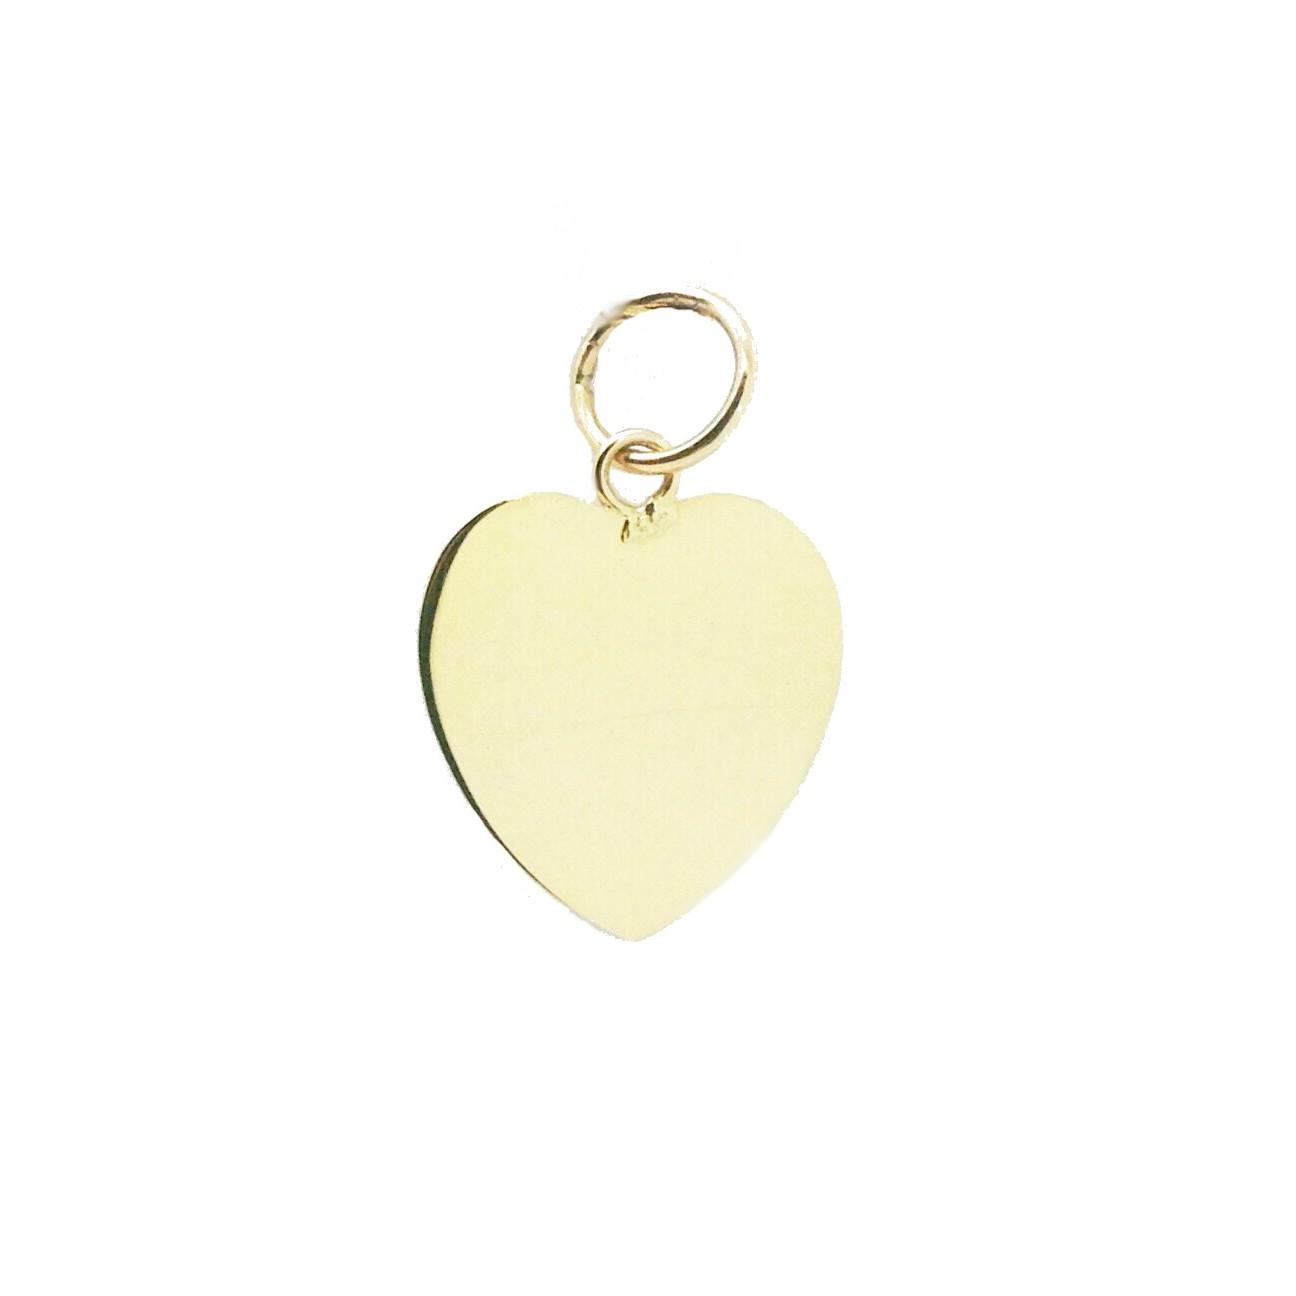 12dbd51fa3f0 Colgante de oro Corazón Joyería Juan Luis Larráyoz Pamplona regalo san  valentín enamorados pareja